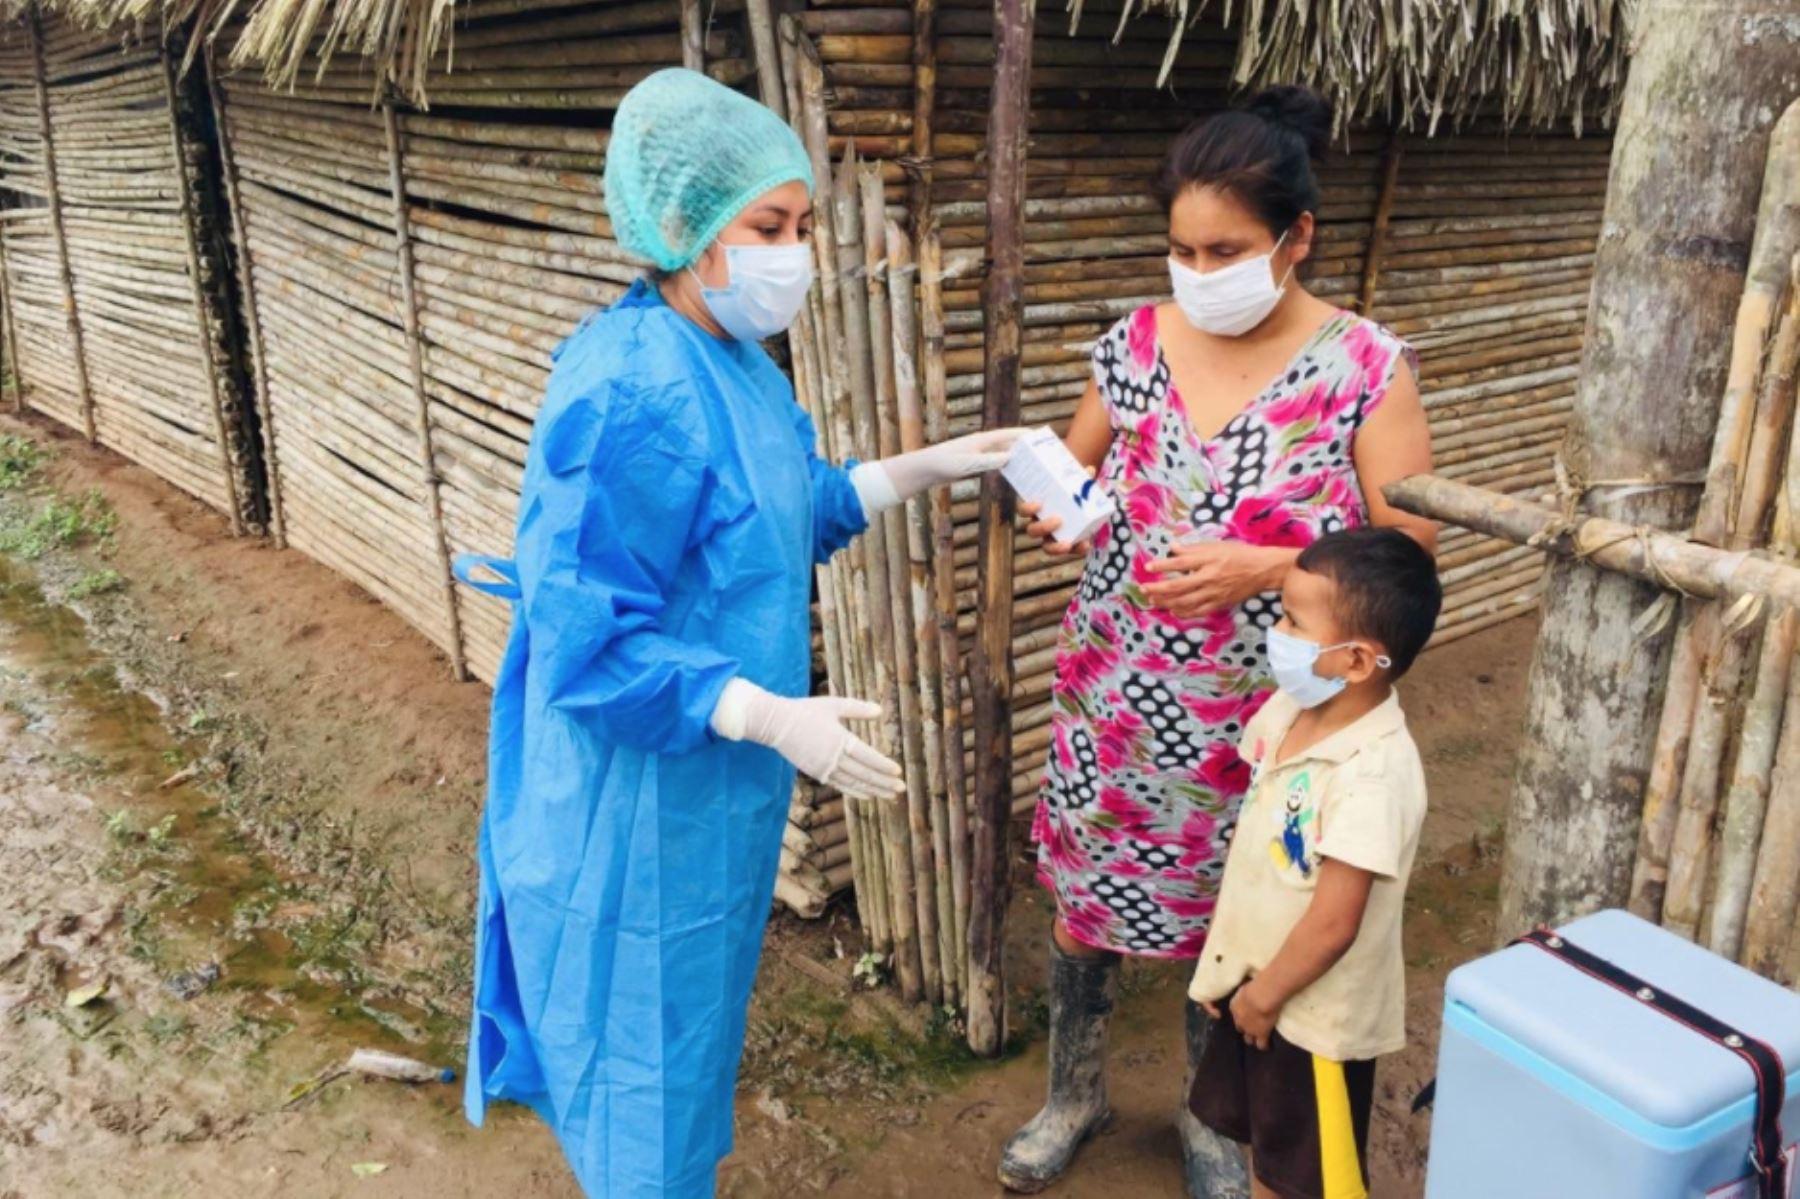 Brigadas de vacunación del Minsa, llegaron al caserío Inayuca en SanMartín, para cuidar a más peruanos contra la influeza y neumococo.Foto:ANDINA/Minsa